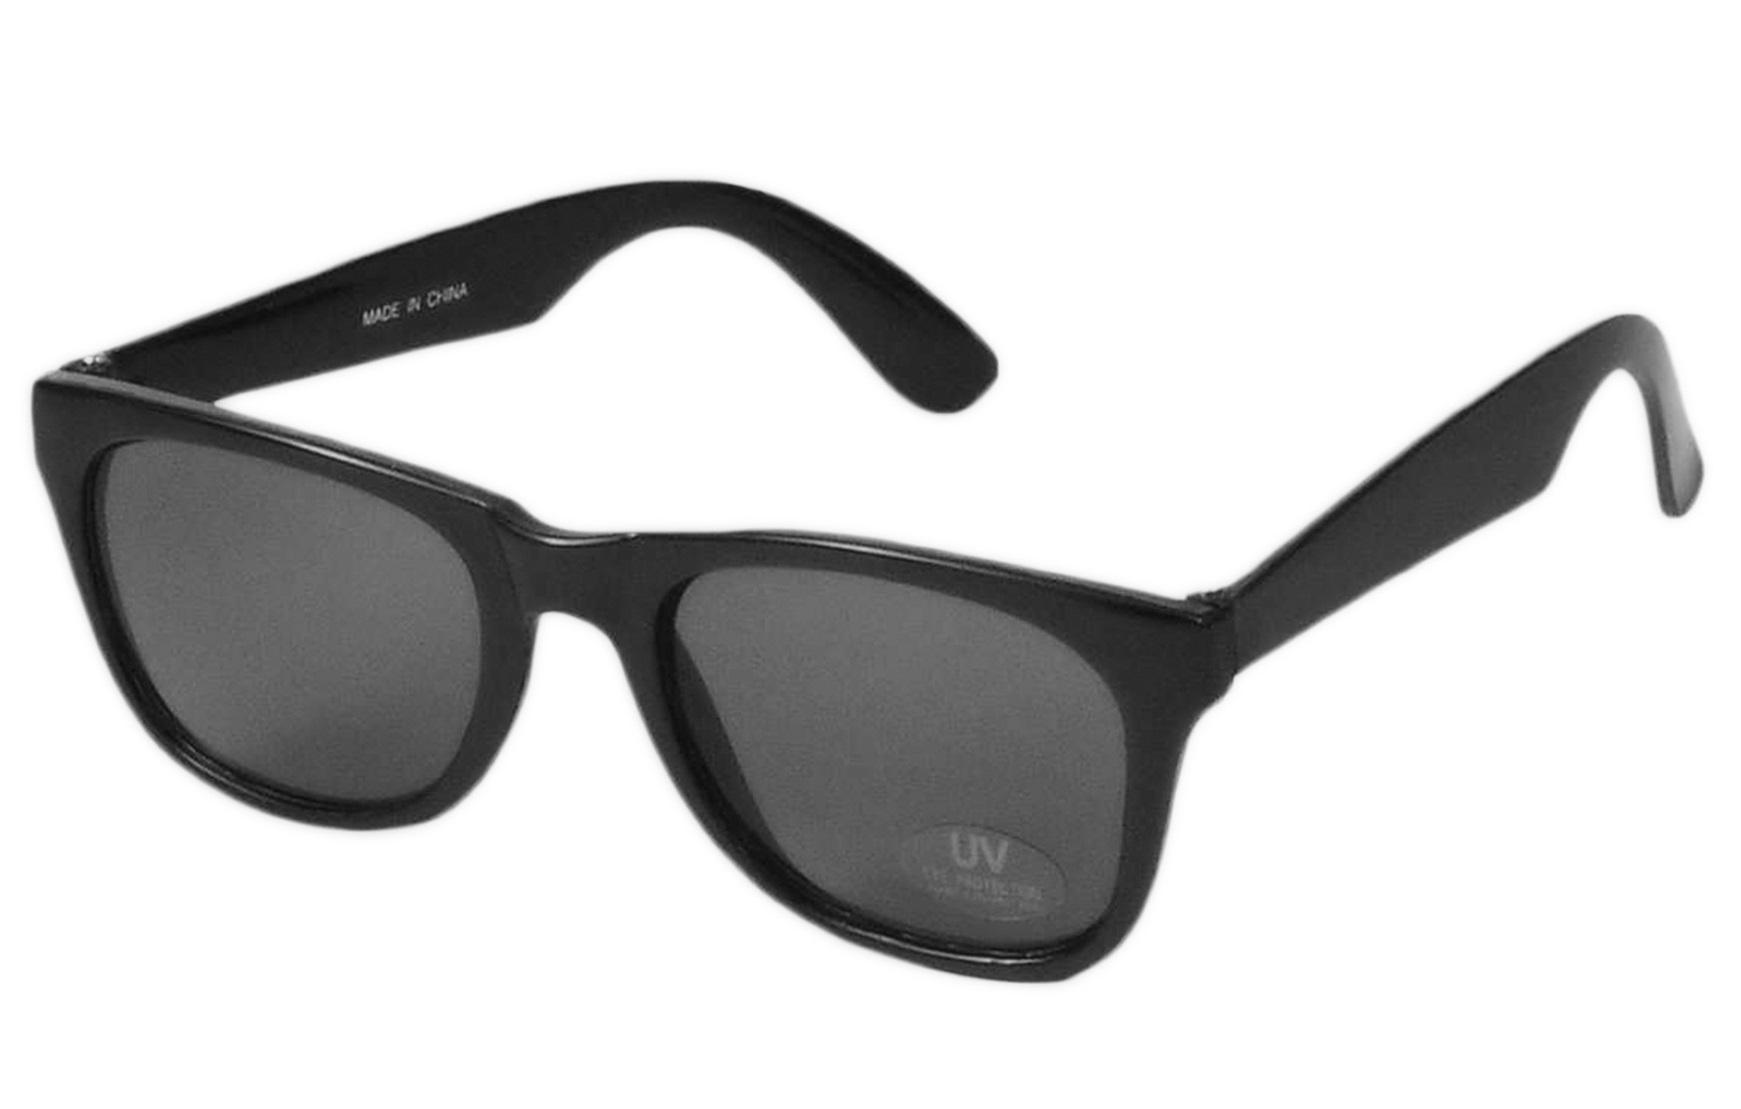 Miami Vice Sunglasses